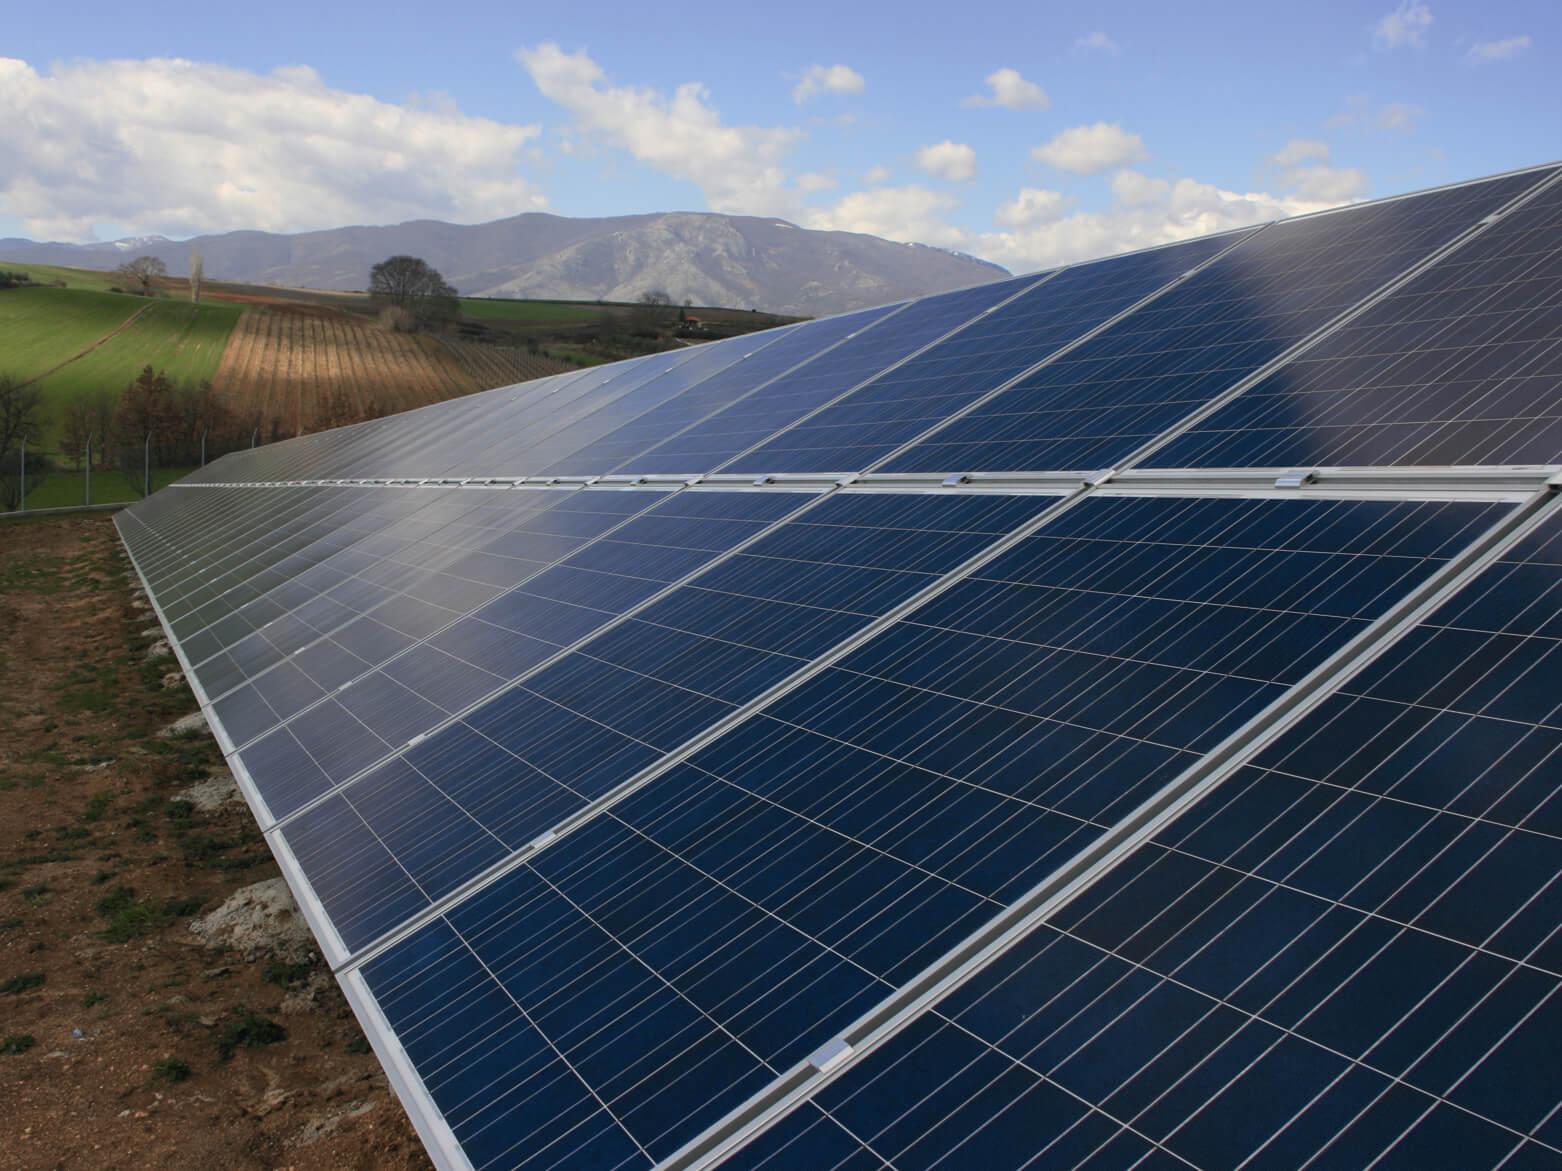 Fotovoltaico in Italia: Quali sono i dati sul primo trimestre del 2016?